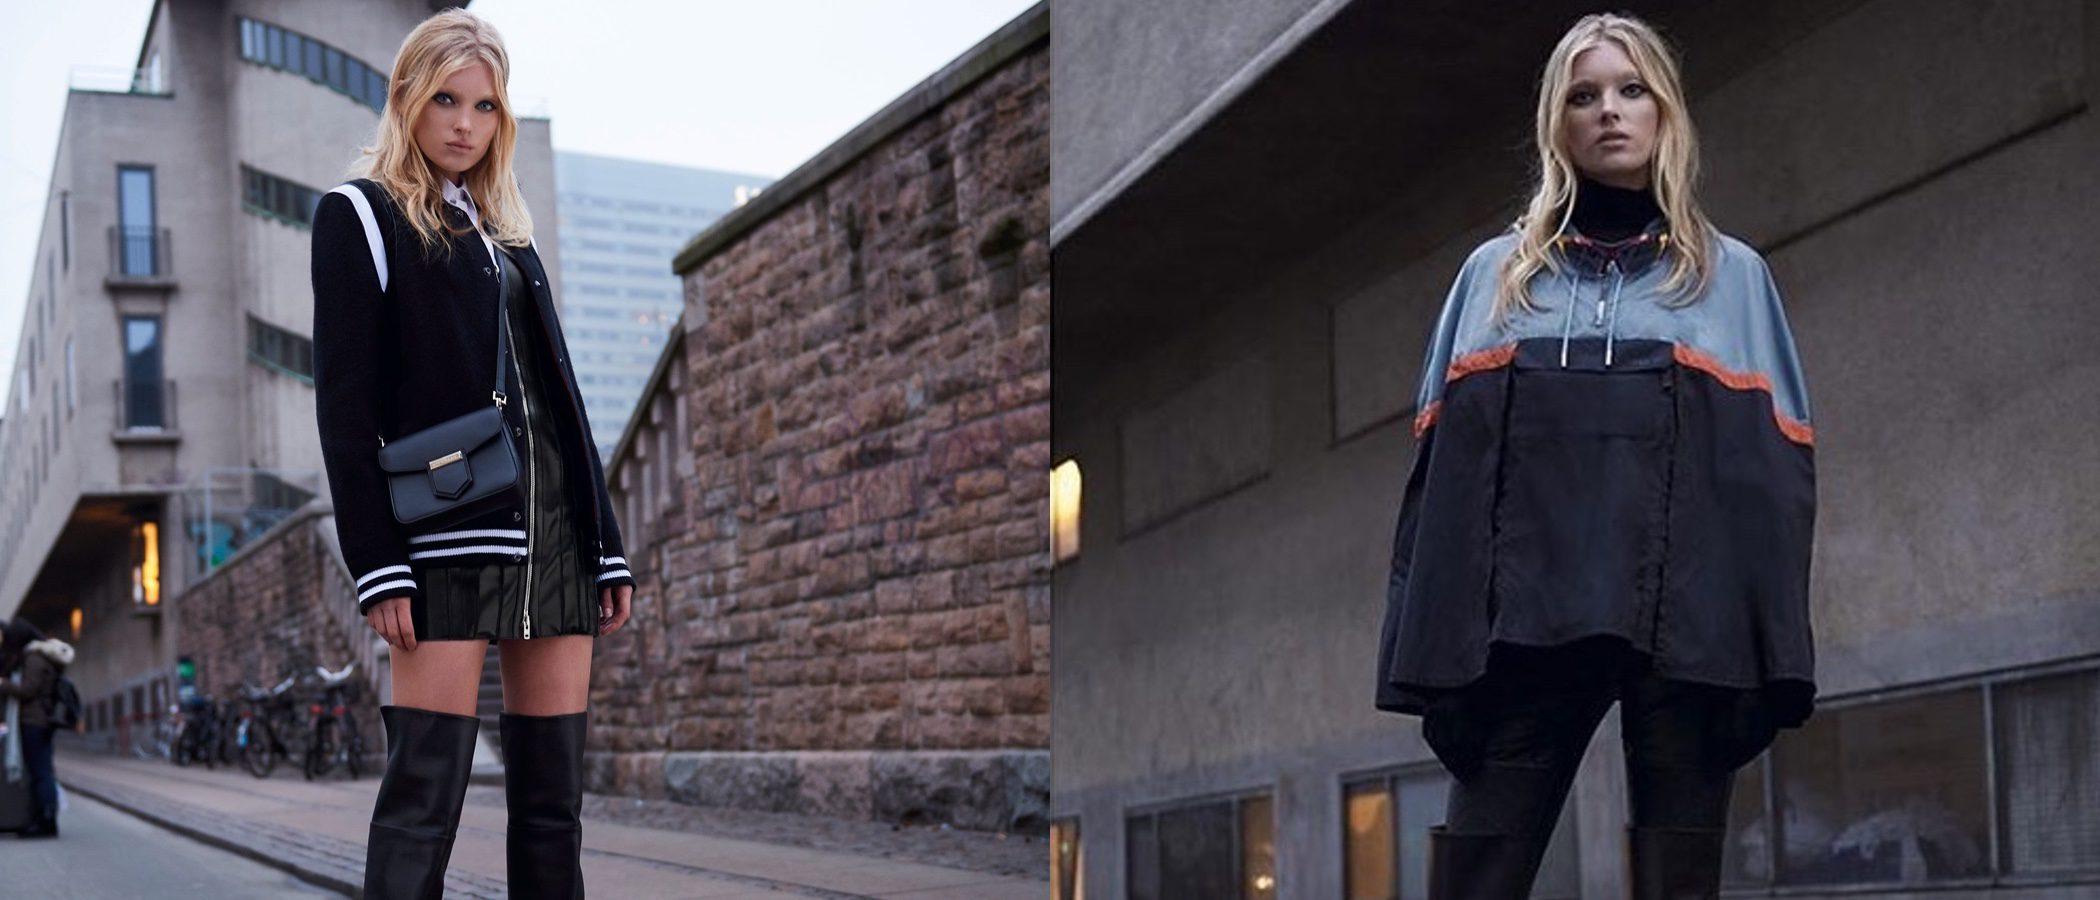 Givenchy ficha a Elsa Hosk como su nueva imagen para este invierno 2017